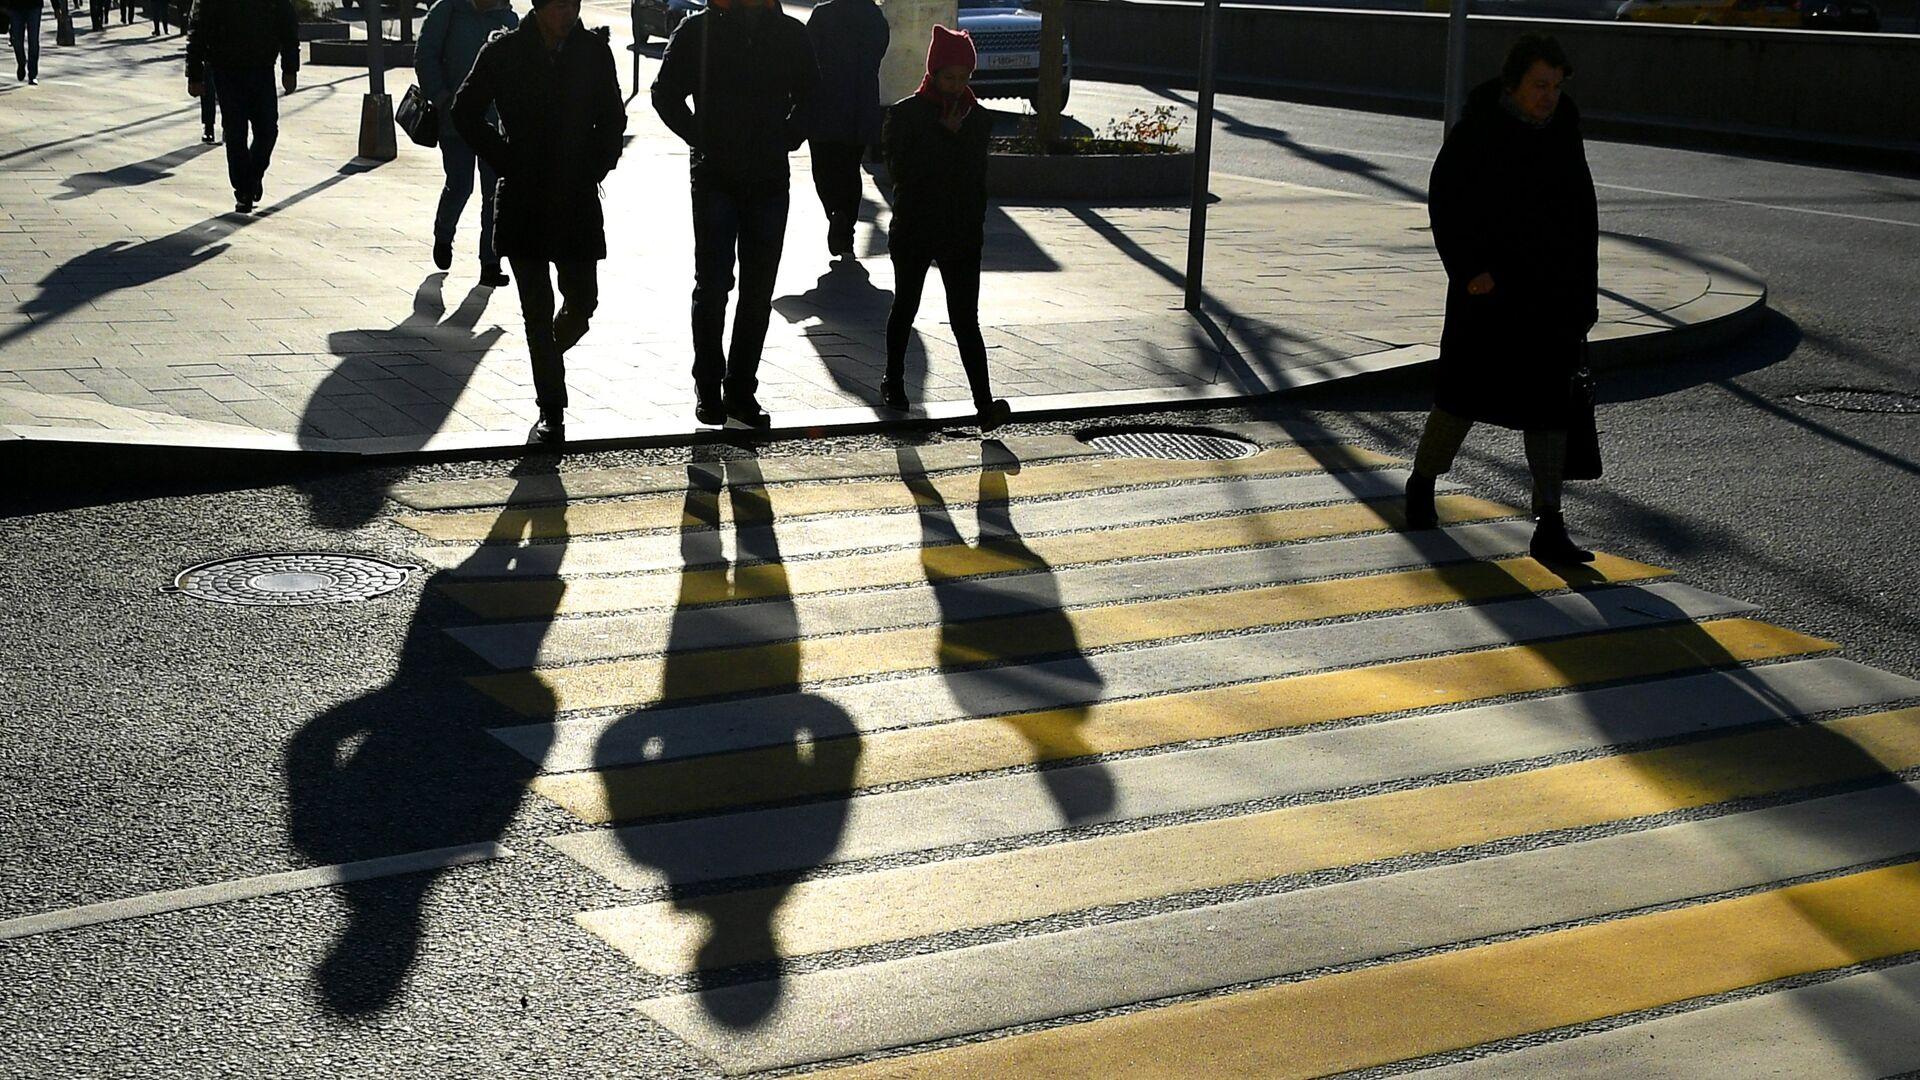 Прохожие на одном из пешеходных переходов в Москве - РИА Новости, 1920, 17.09.2021